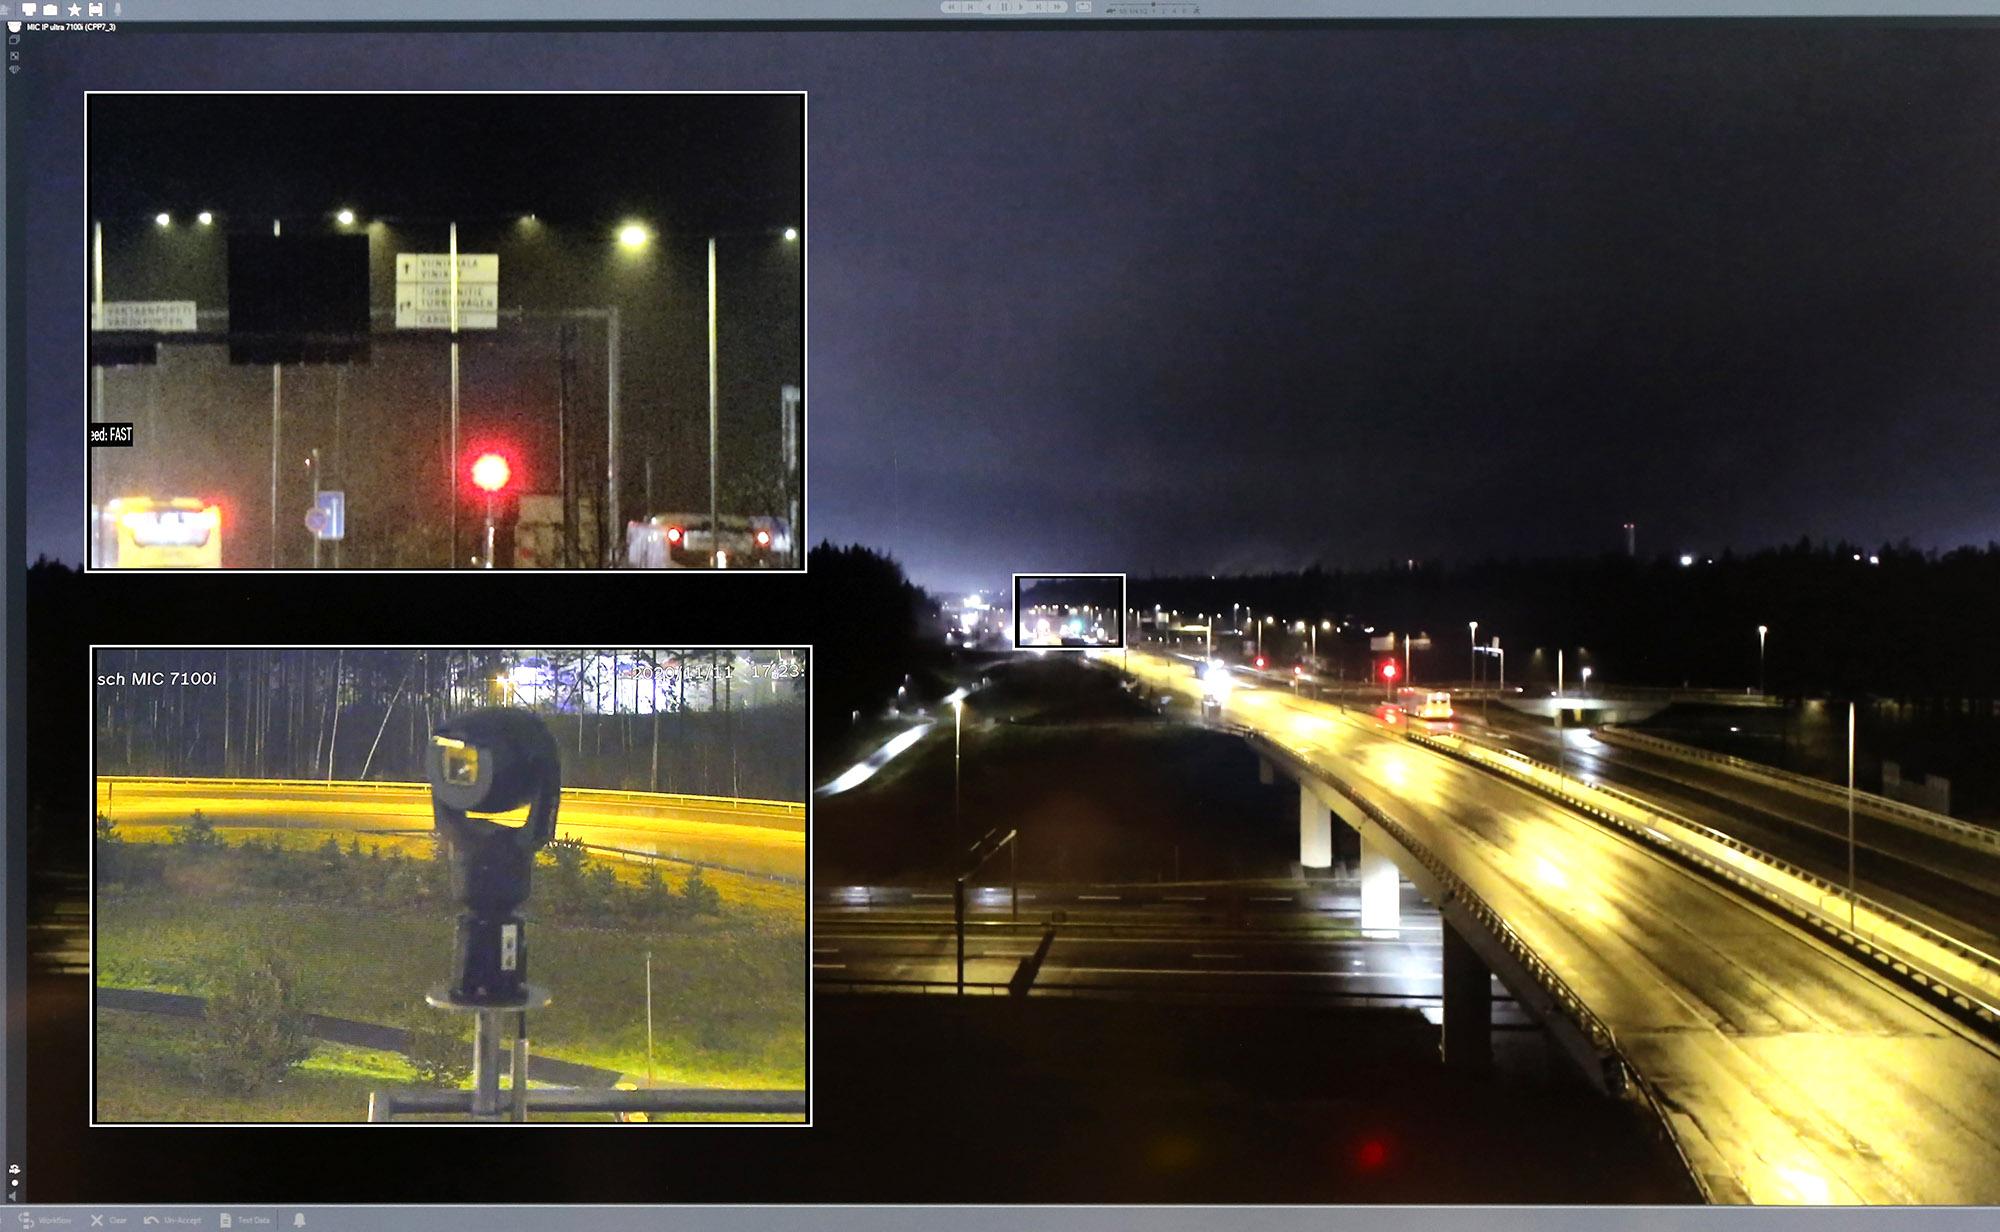 Boschin 12-kertaisella optisella zoomilla varustetulla IP Ultra -kameralla kuvan pystyy tarkentamaan noin 800 metrin päässä olevaan tienviittaan myös pienessä tihkusateessa.